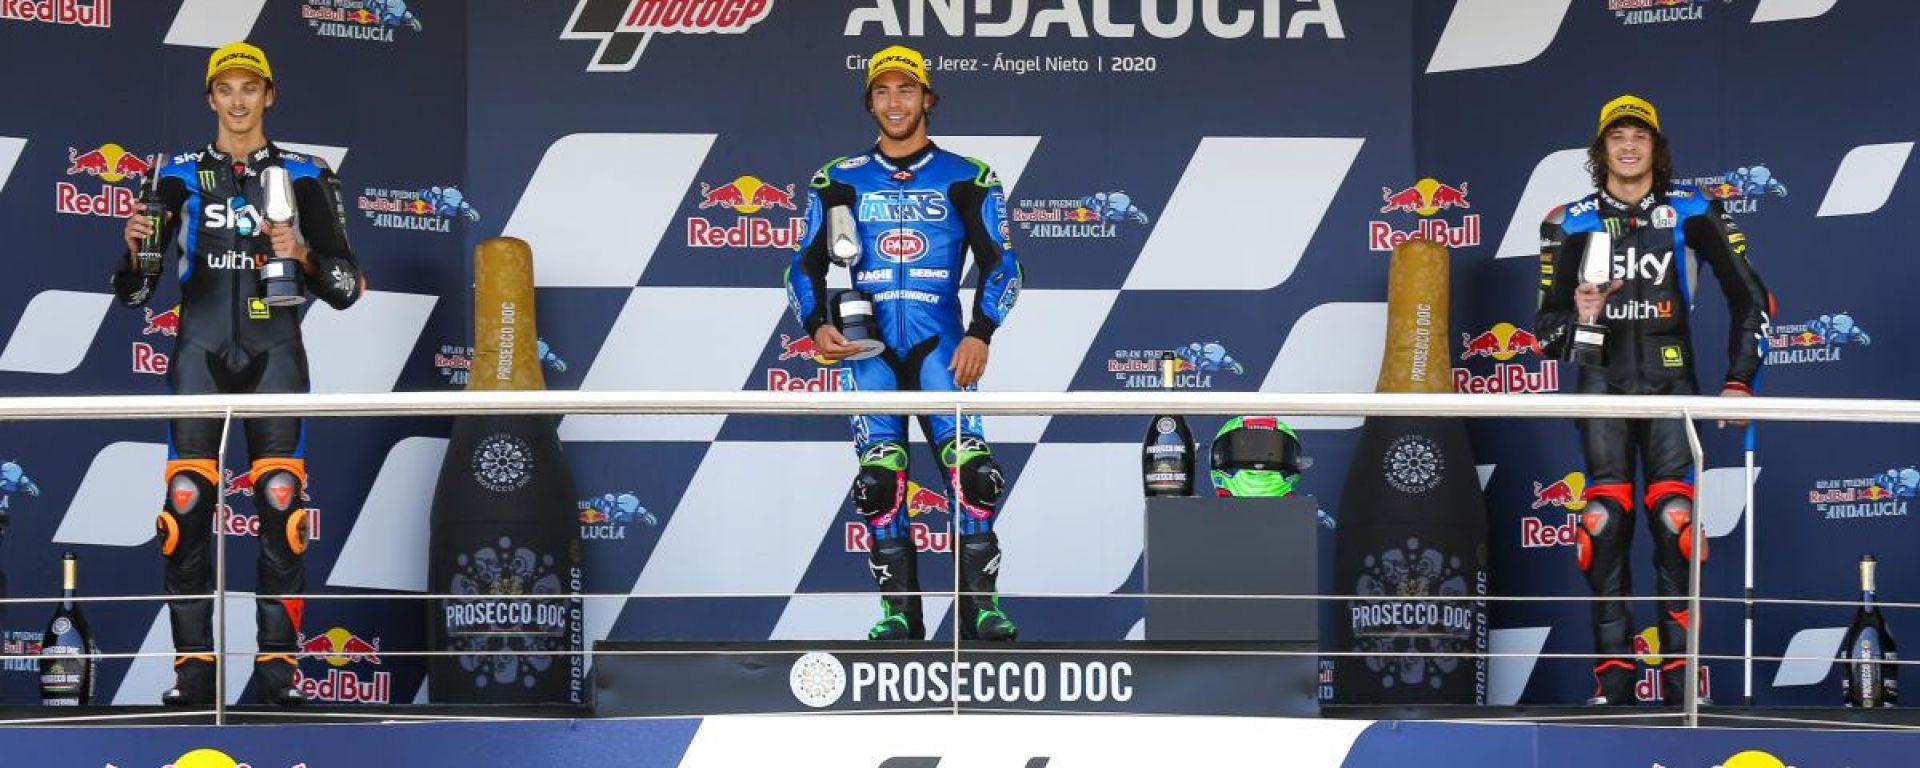 Il podio del GP Andalusia 2020 con Enea Bastianini davanti a Luca Marini e Marco Bezzecchi